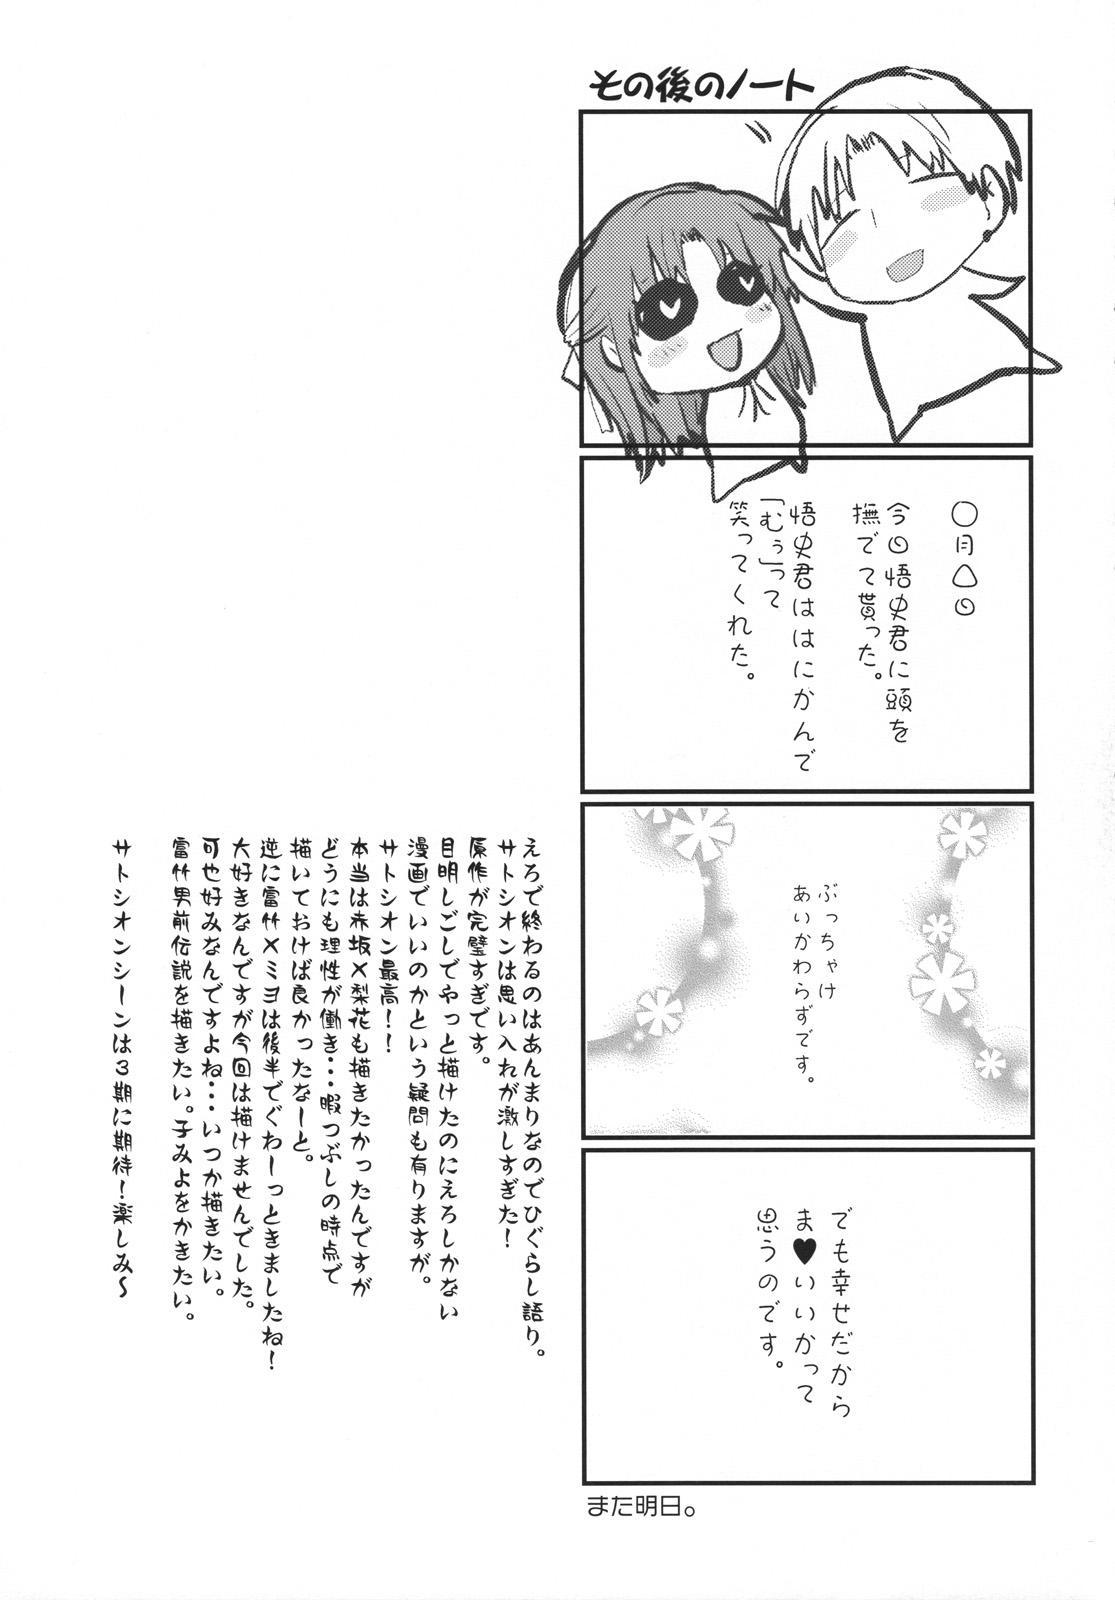 Umineko sono higurashi 27